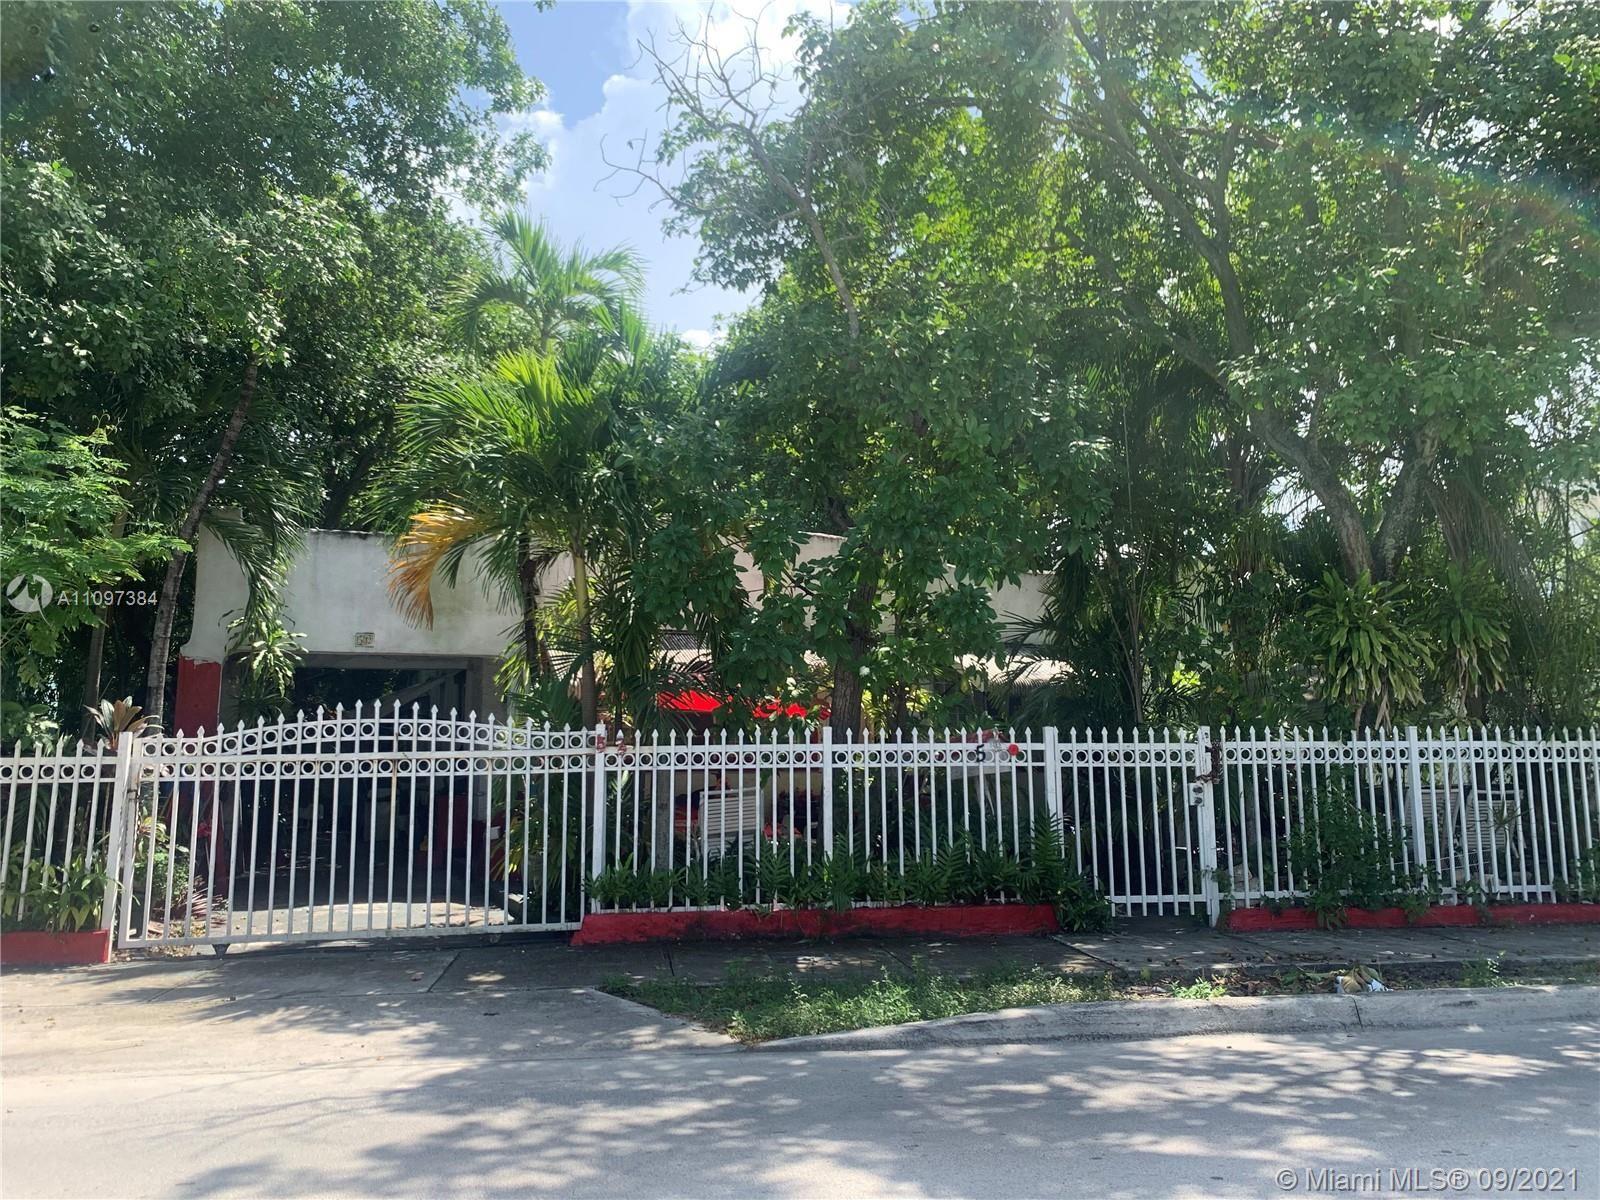 52 NW 46th St, Miami, FL 33127 - #: A11097384